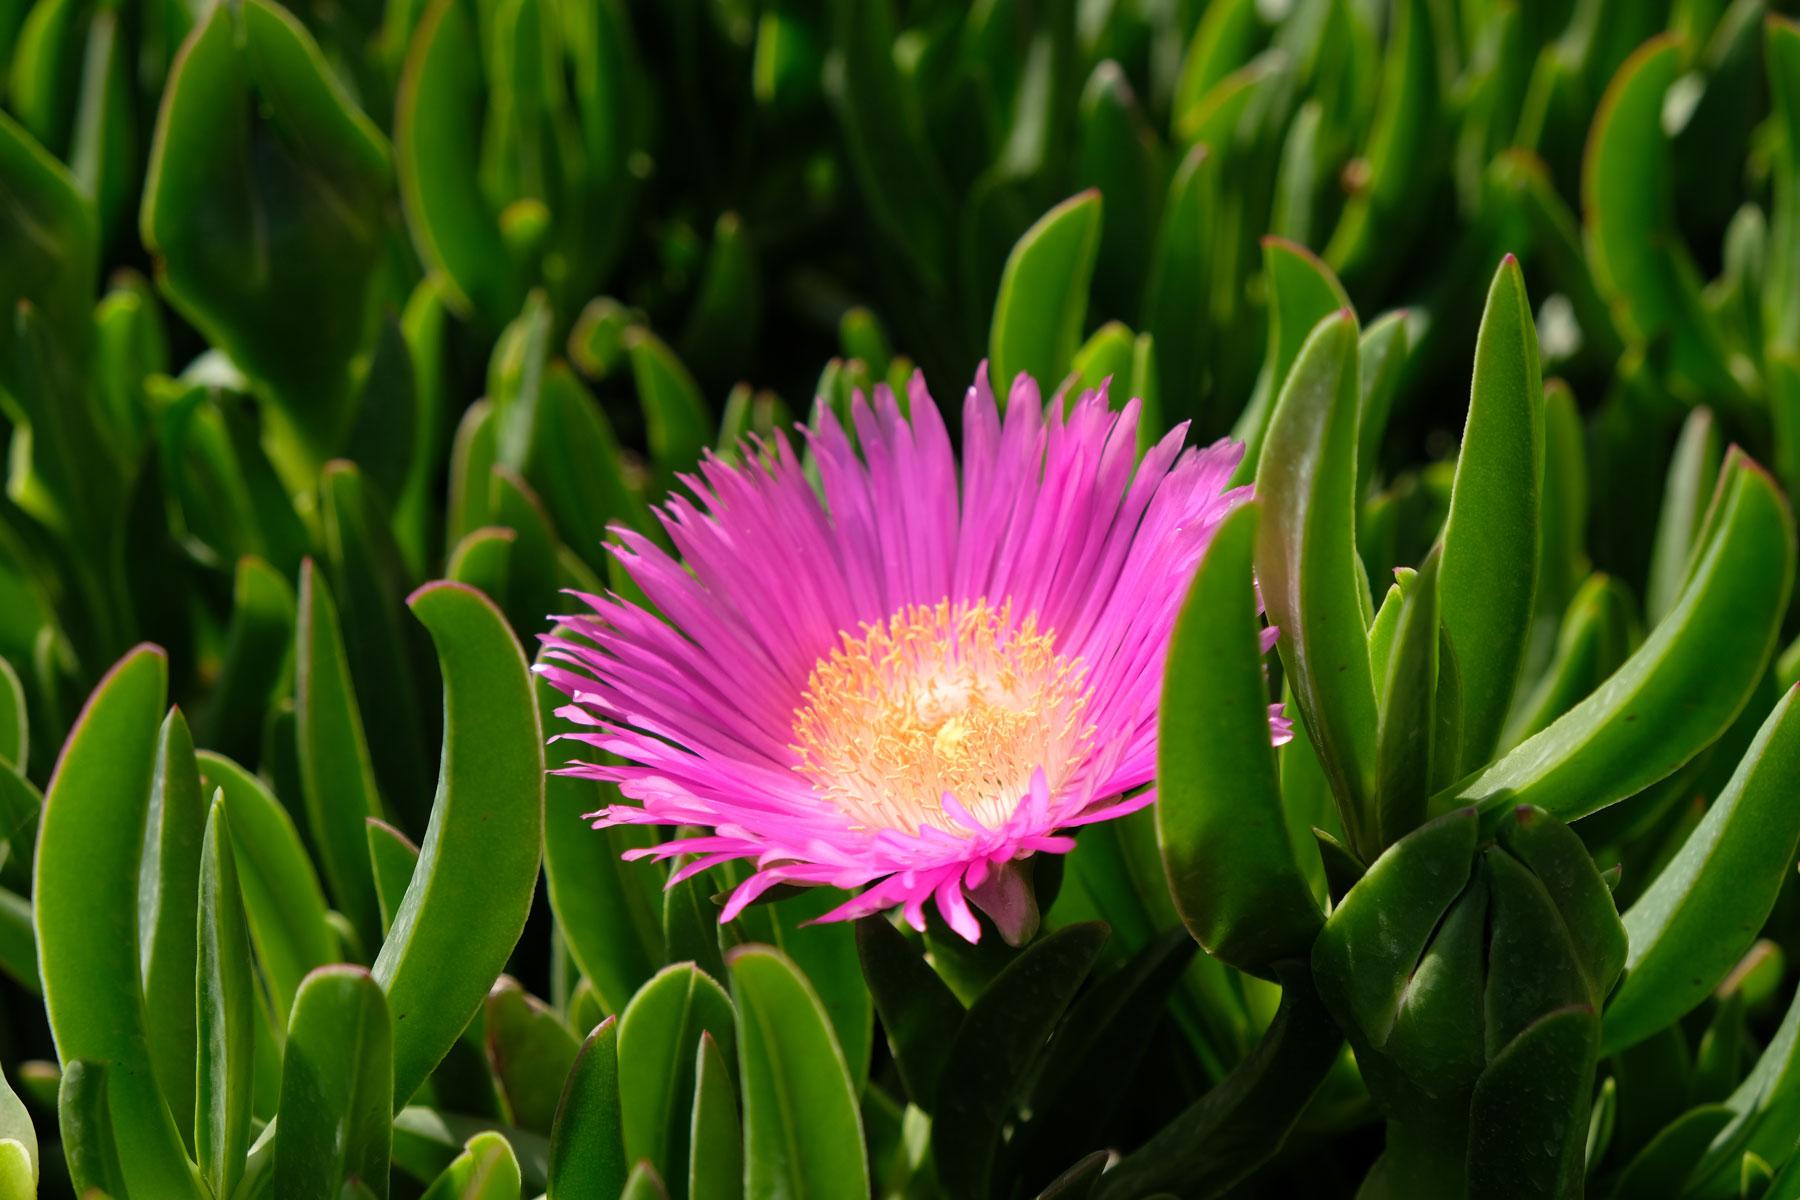 Eine pinke Blume